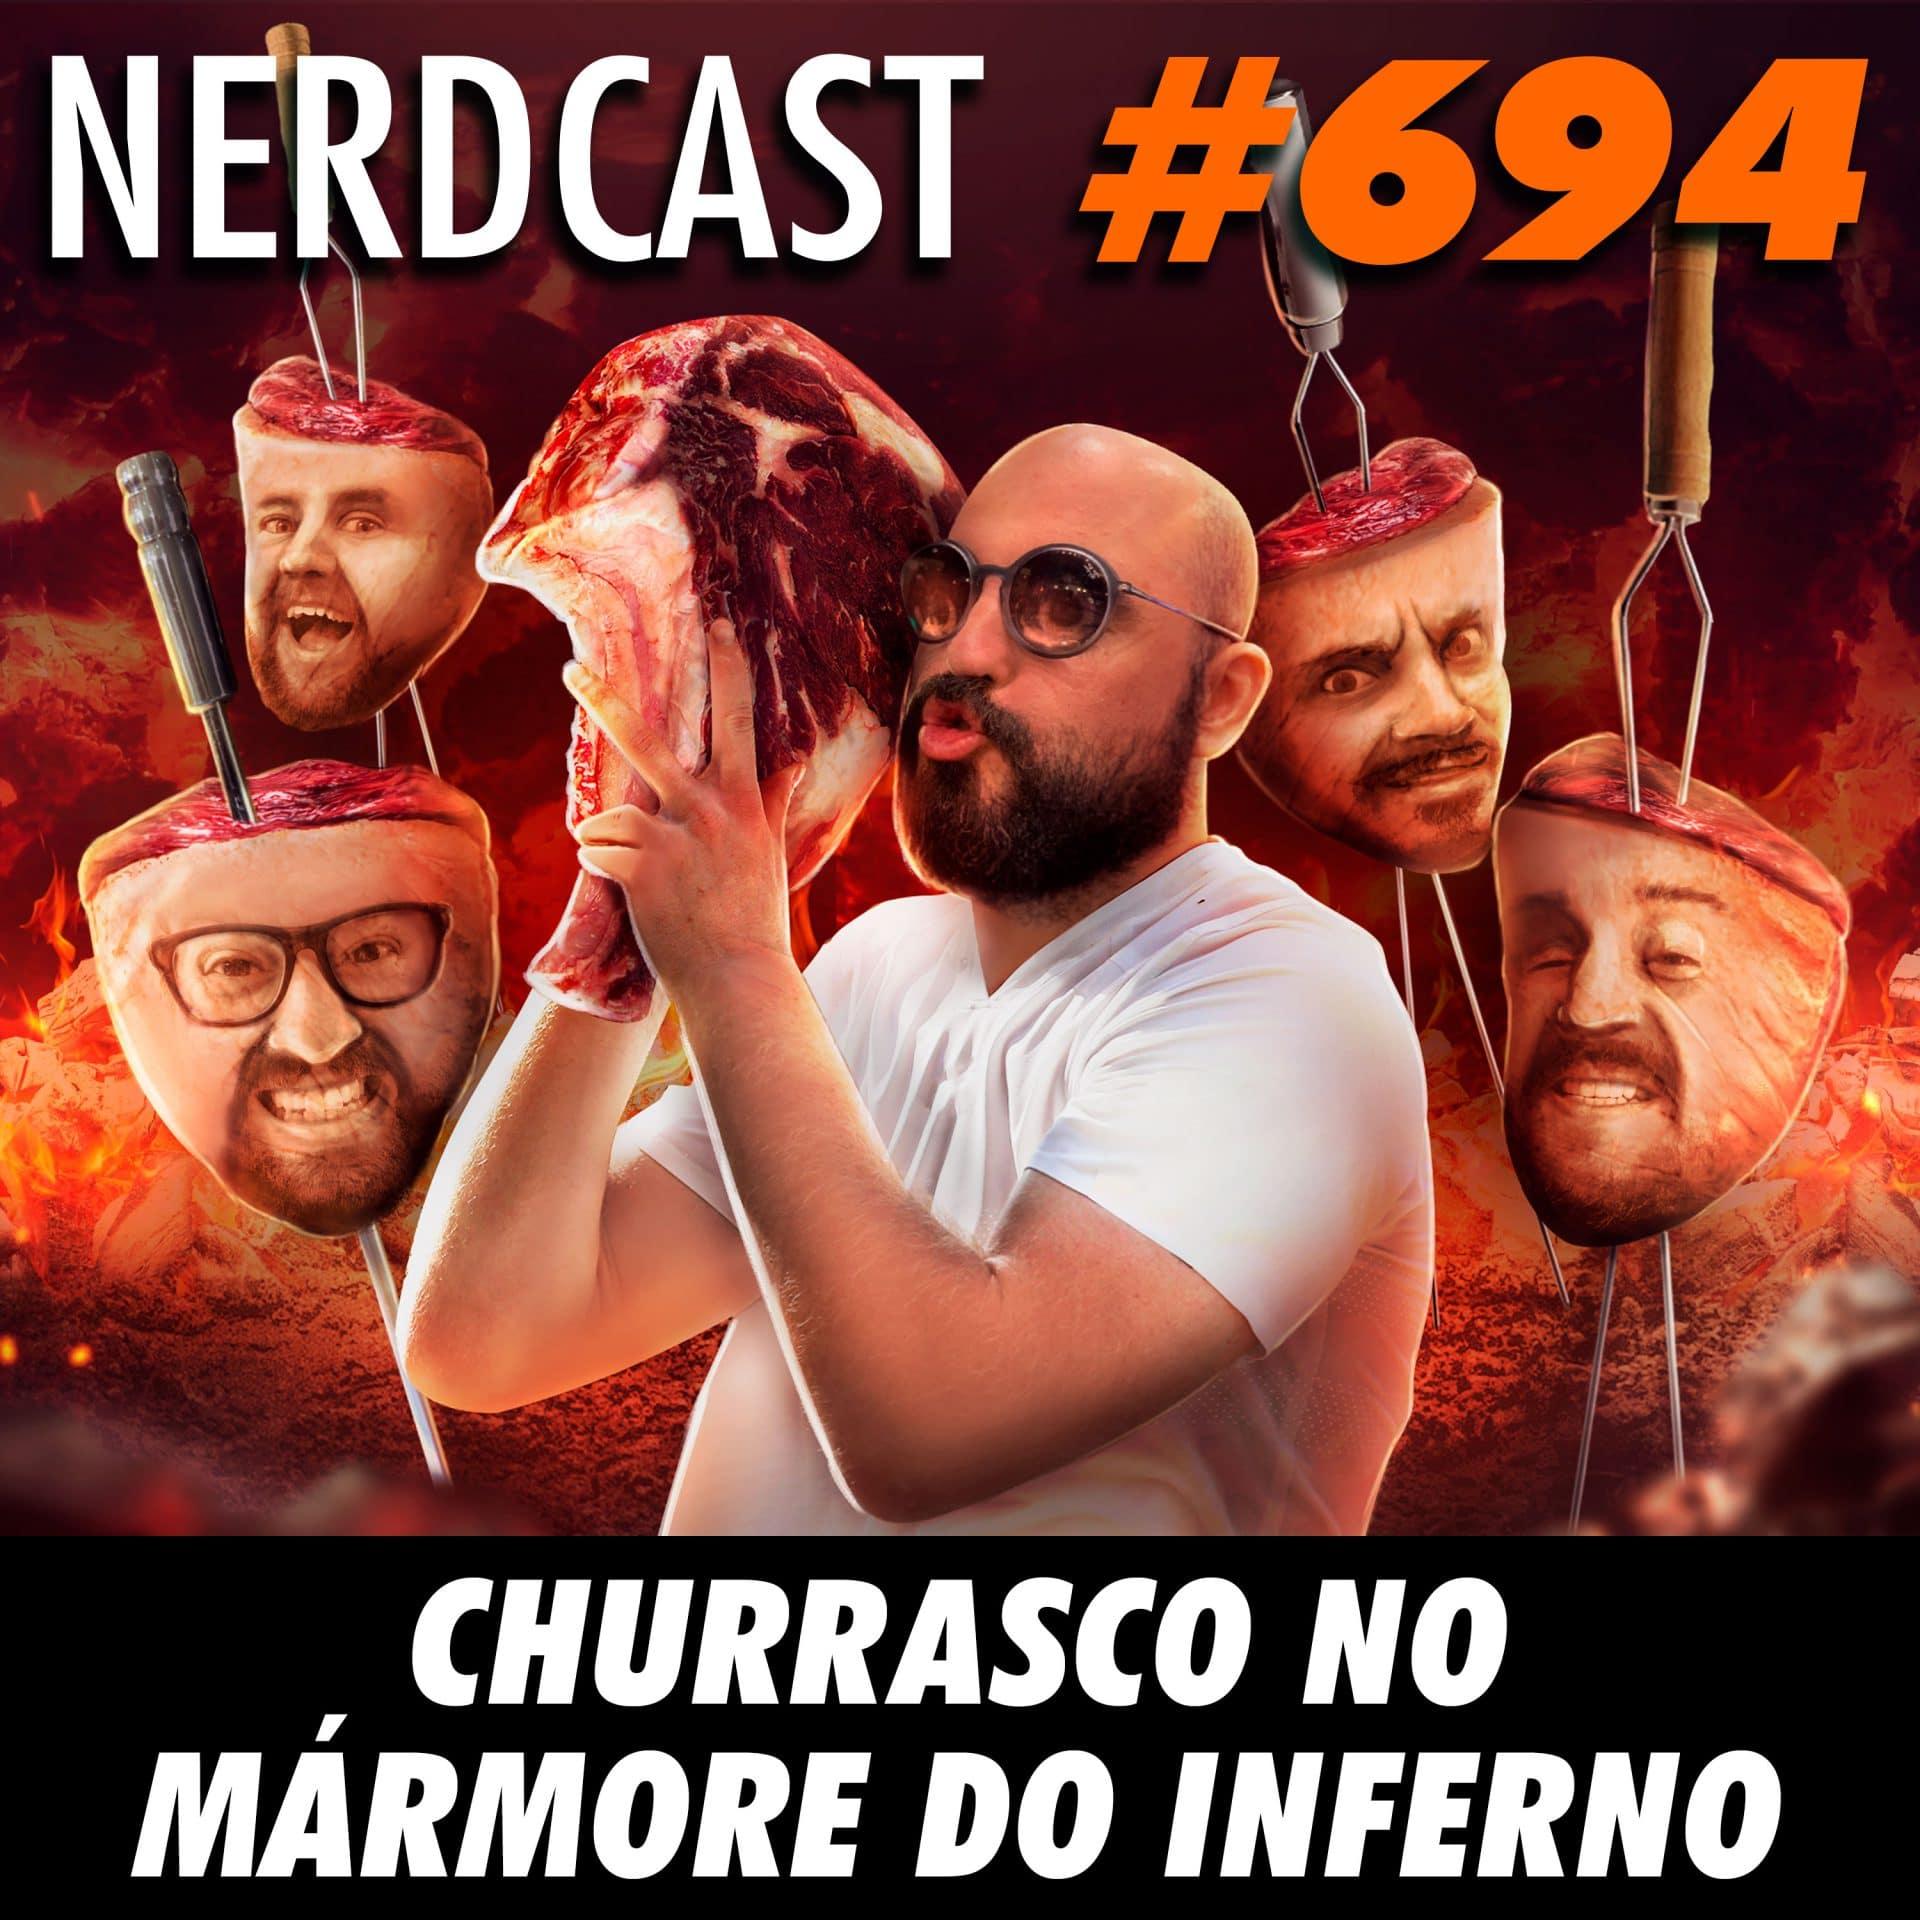 NerdCast 694 - Churrasco no mármore do inferno